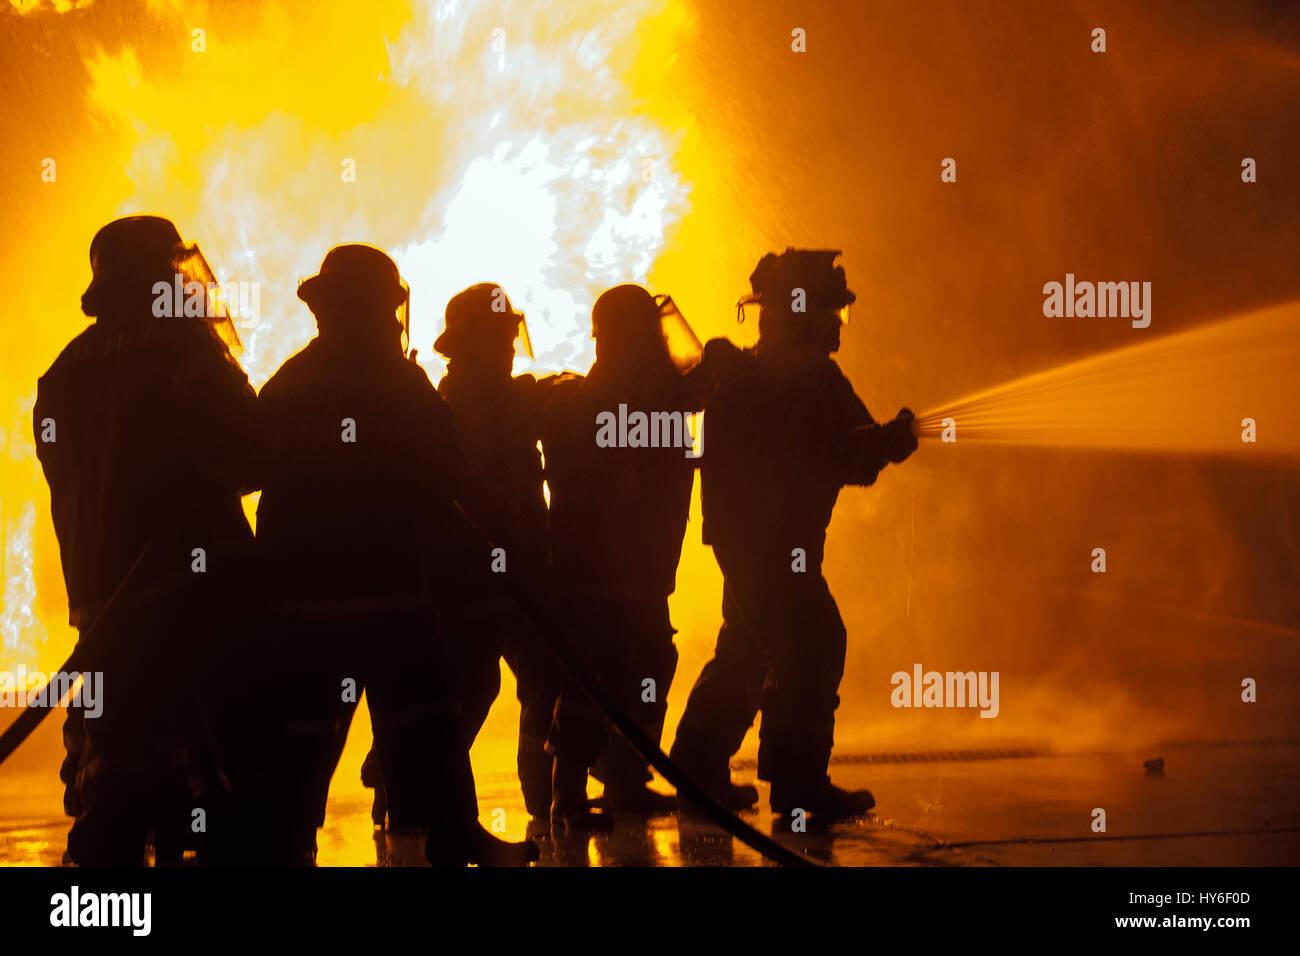 Les pompiers de groupe contrôle de pulvériser de l'eau tuyau incendie au cours de l'exercice Photo Stock